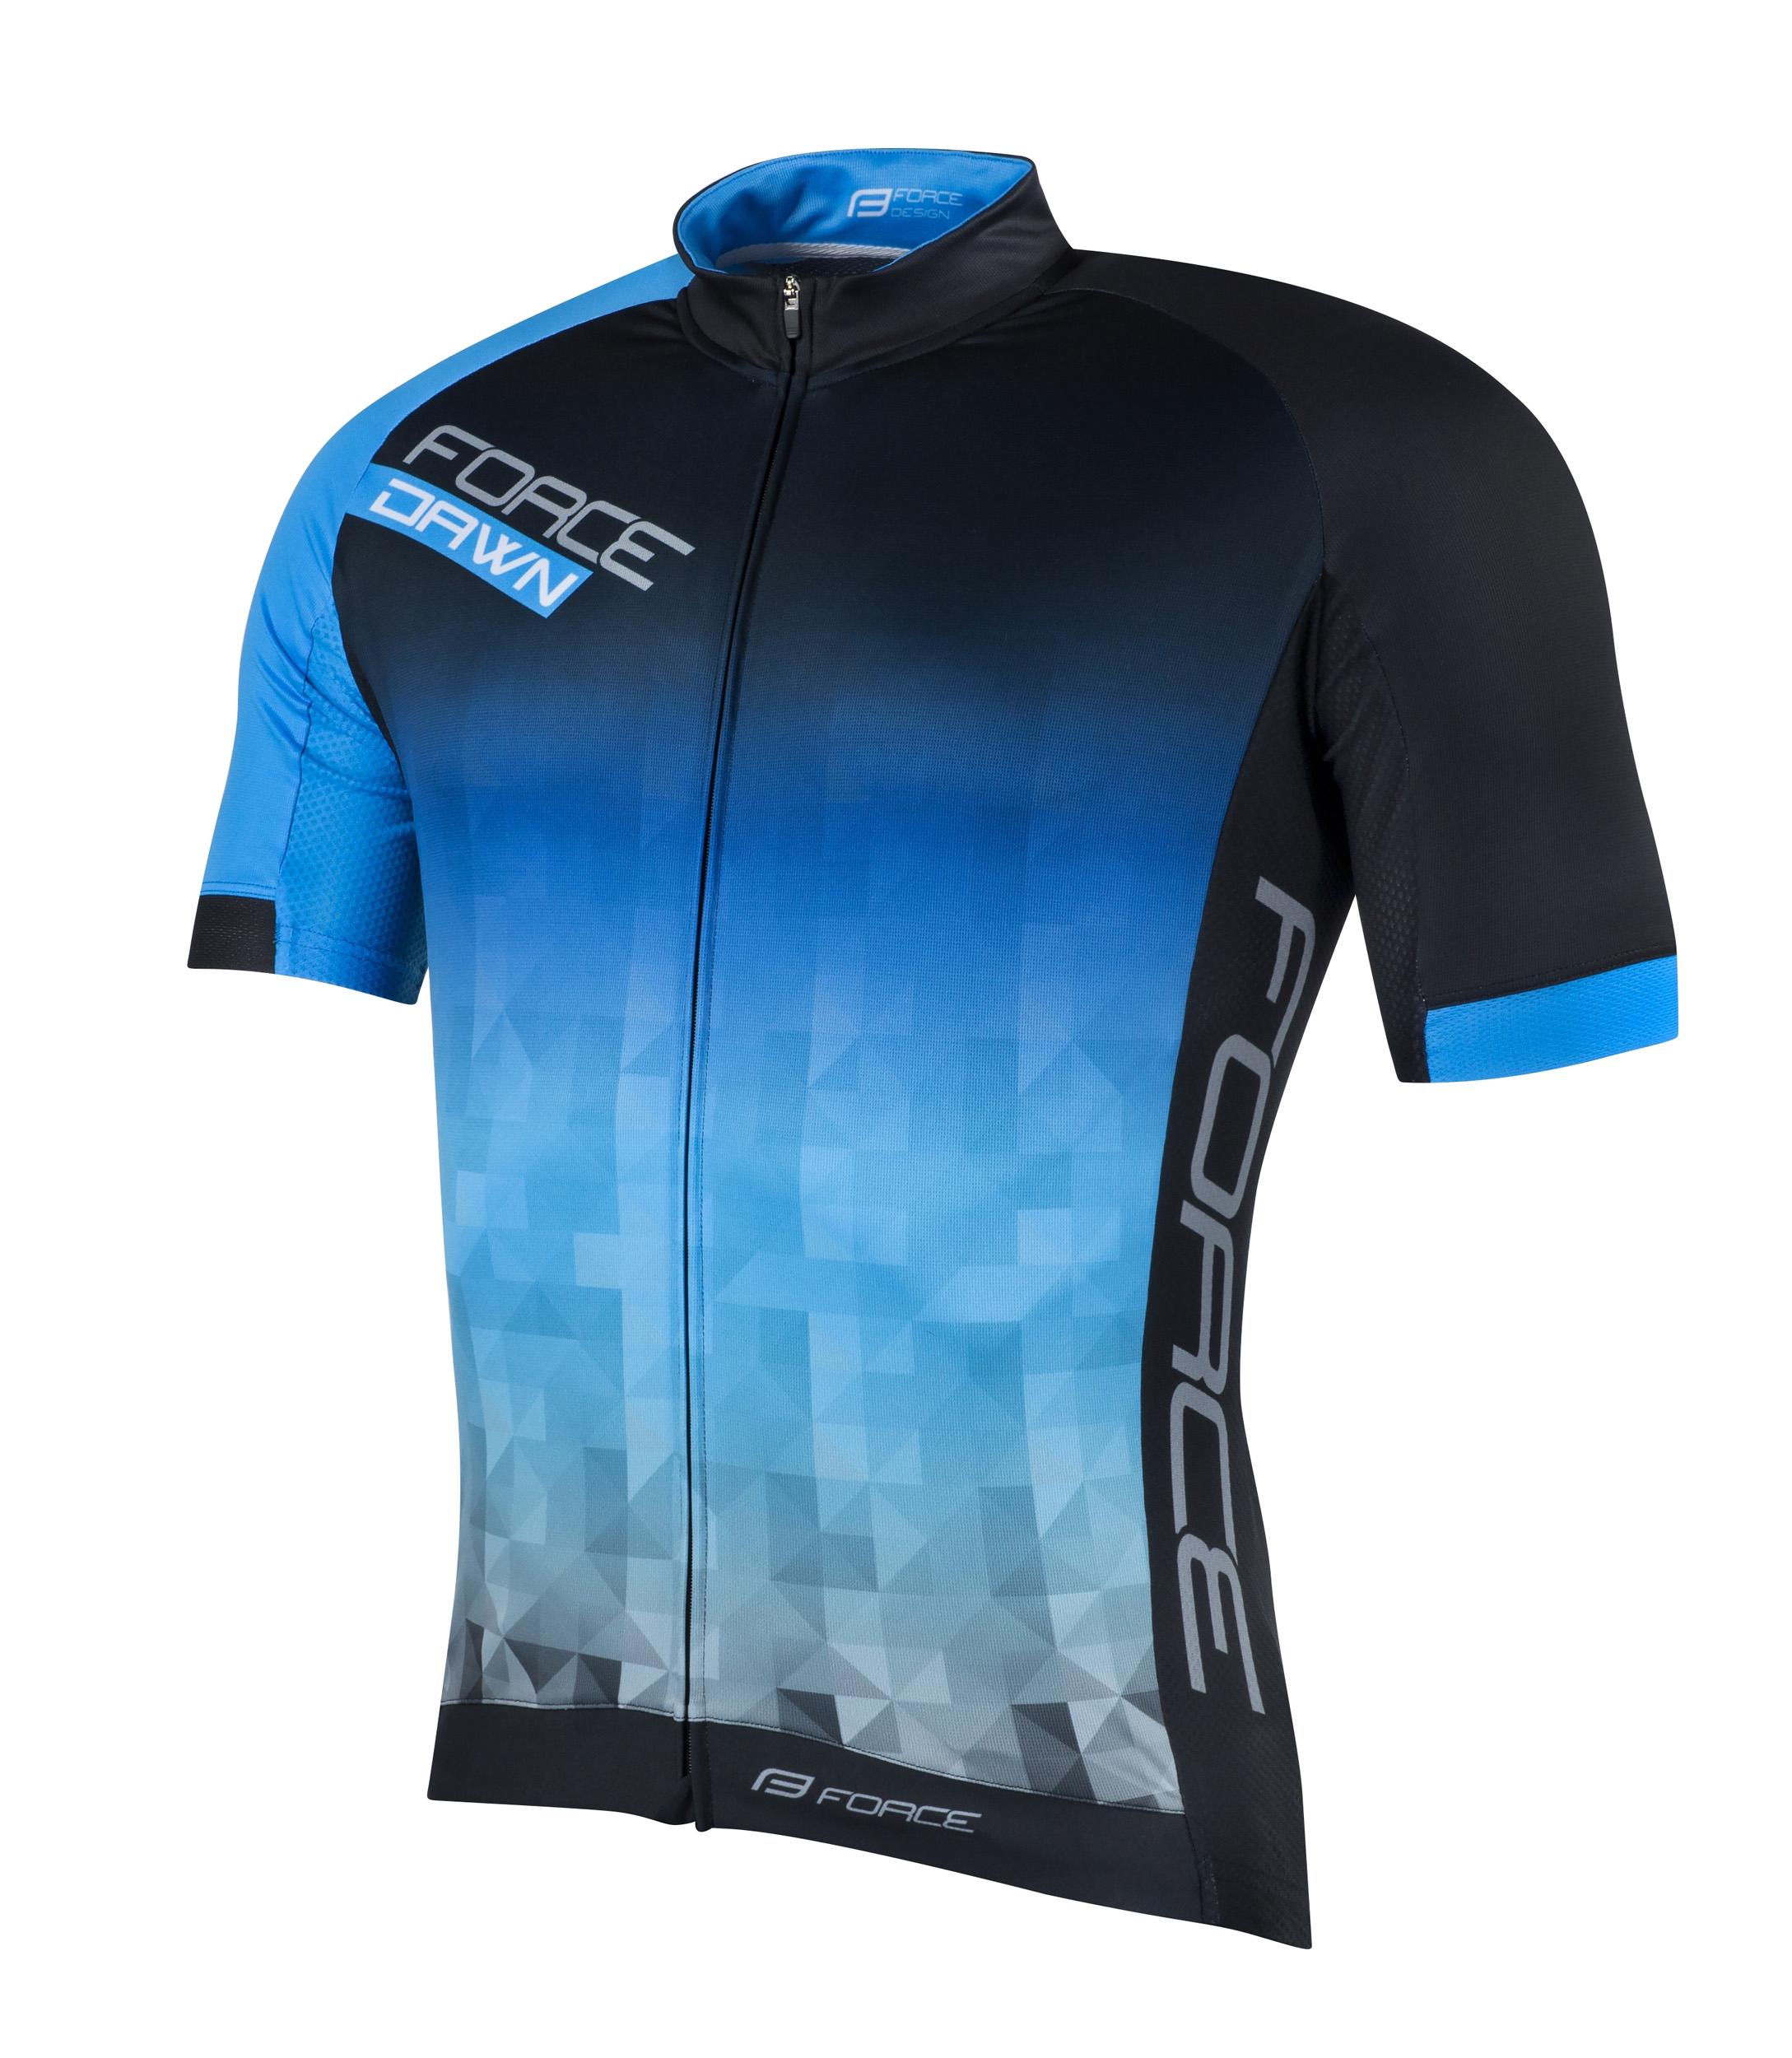 Force Dawn High-End Kortærmet cykeltrøje sort/blå